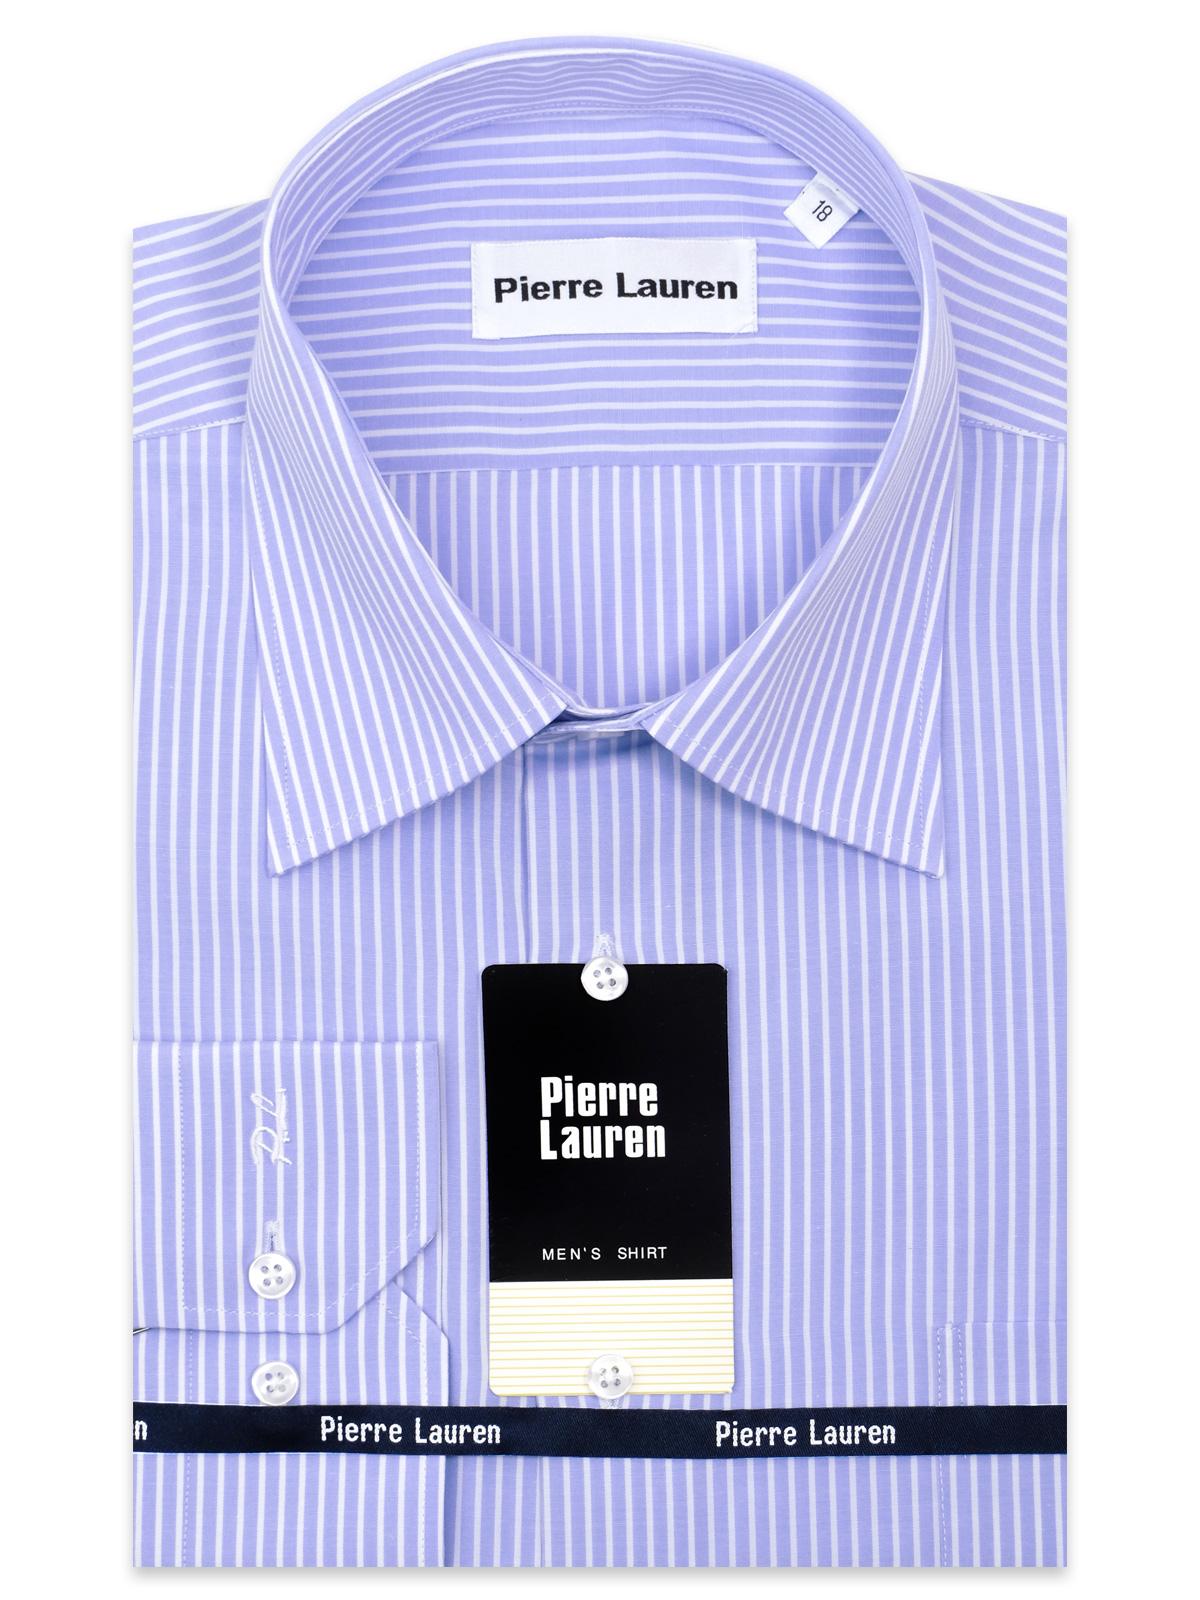 Рубашка PIERRE LAUREN (CLASSIC) арт.-1559Трц